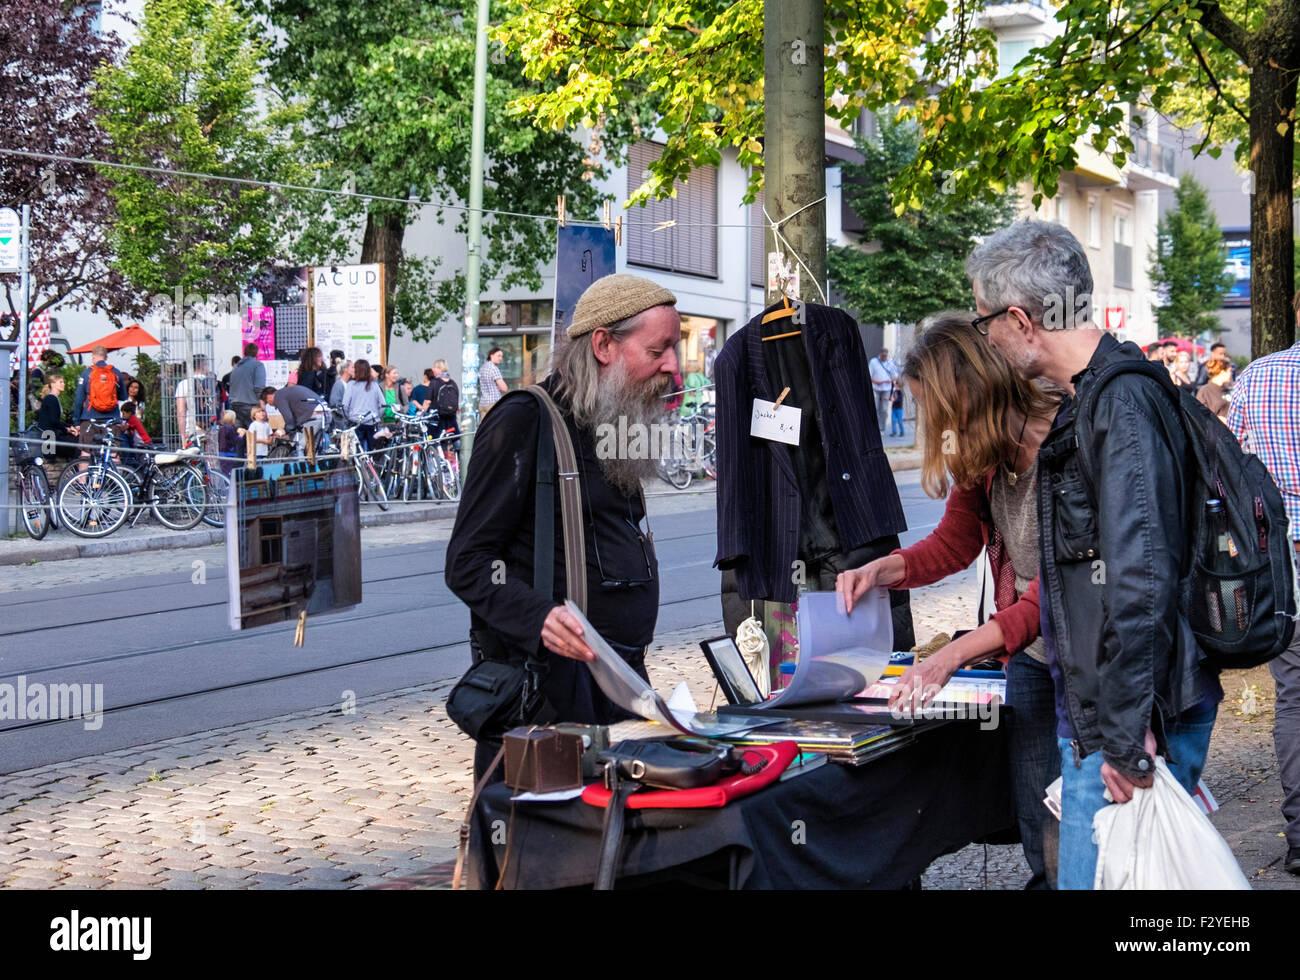 Berlin Veteranenstrasse Street Party - Veteran Street Fest - elderly bearded male stall holder sells in traffic - Stock Image